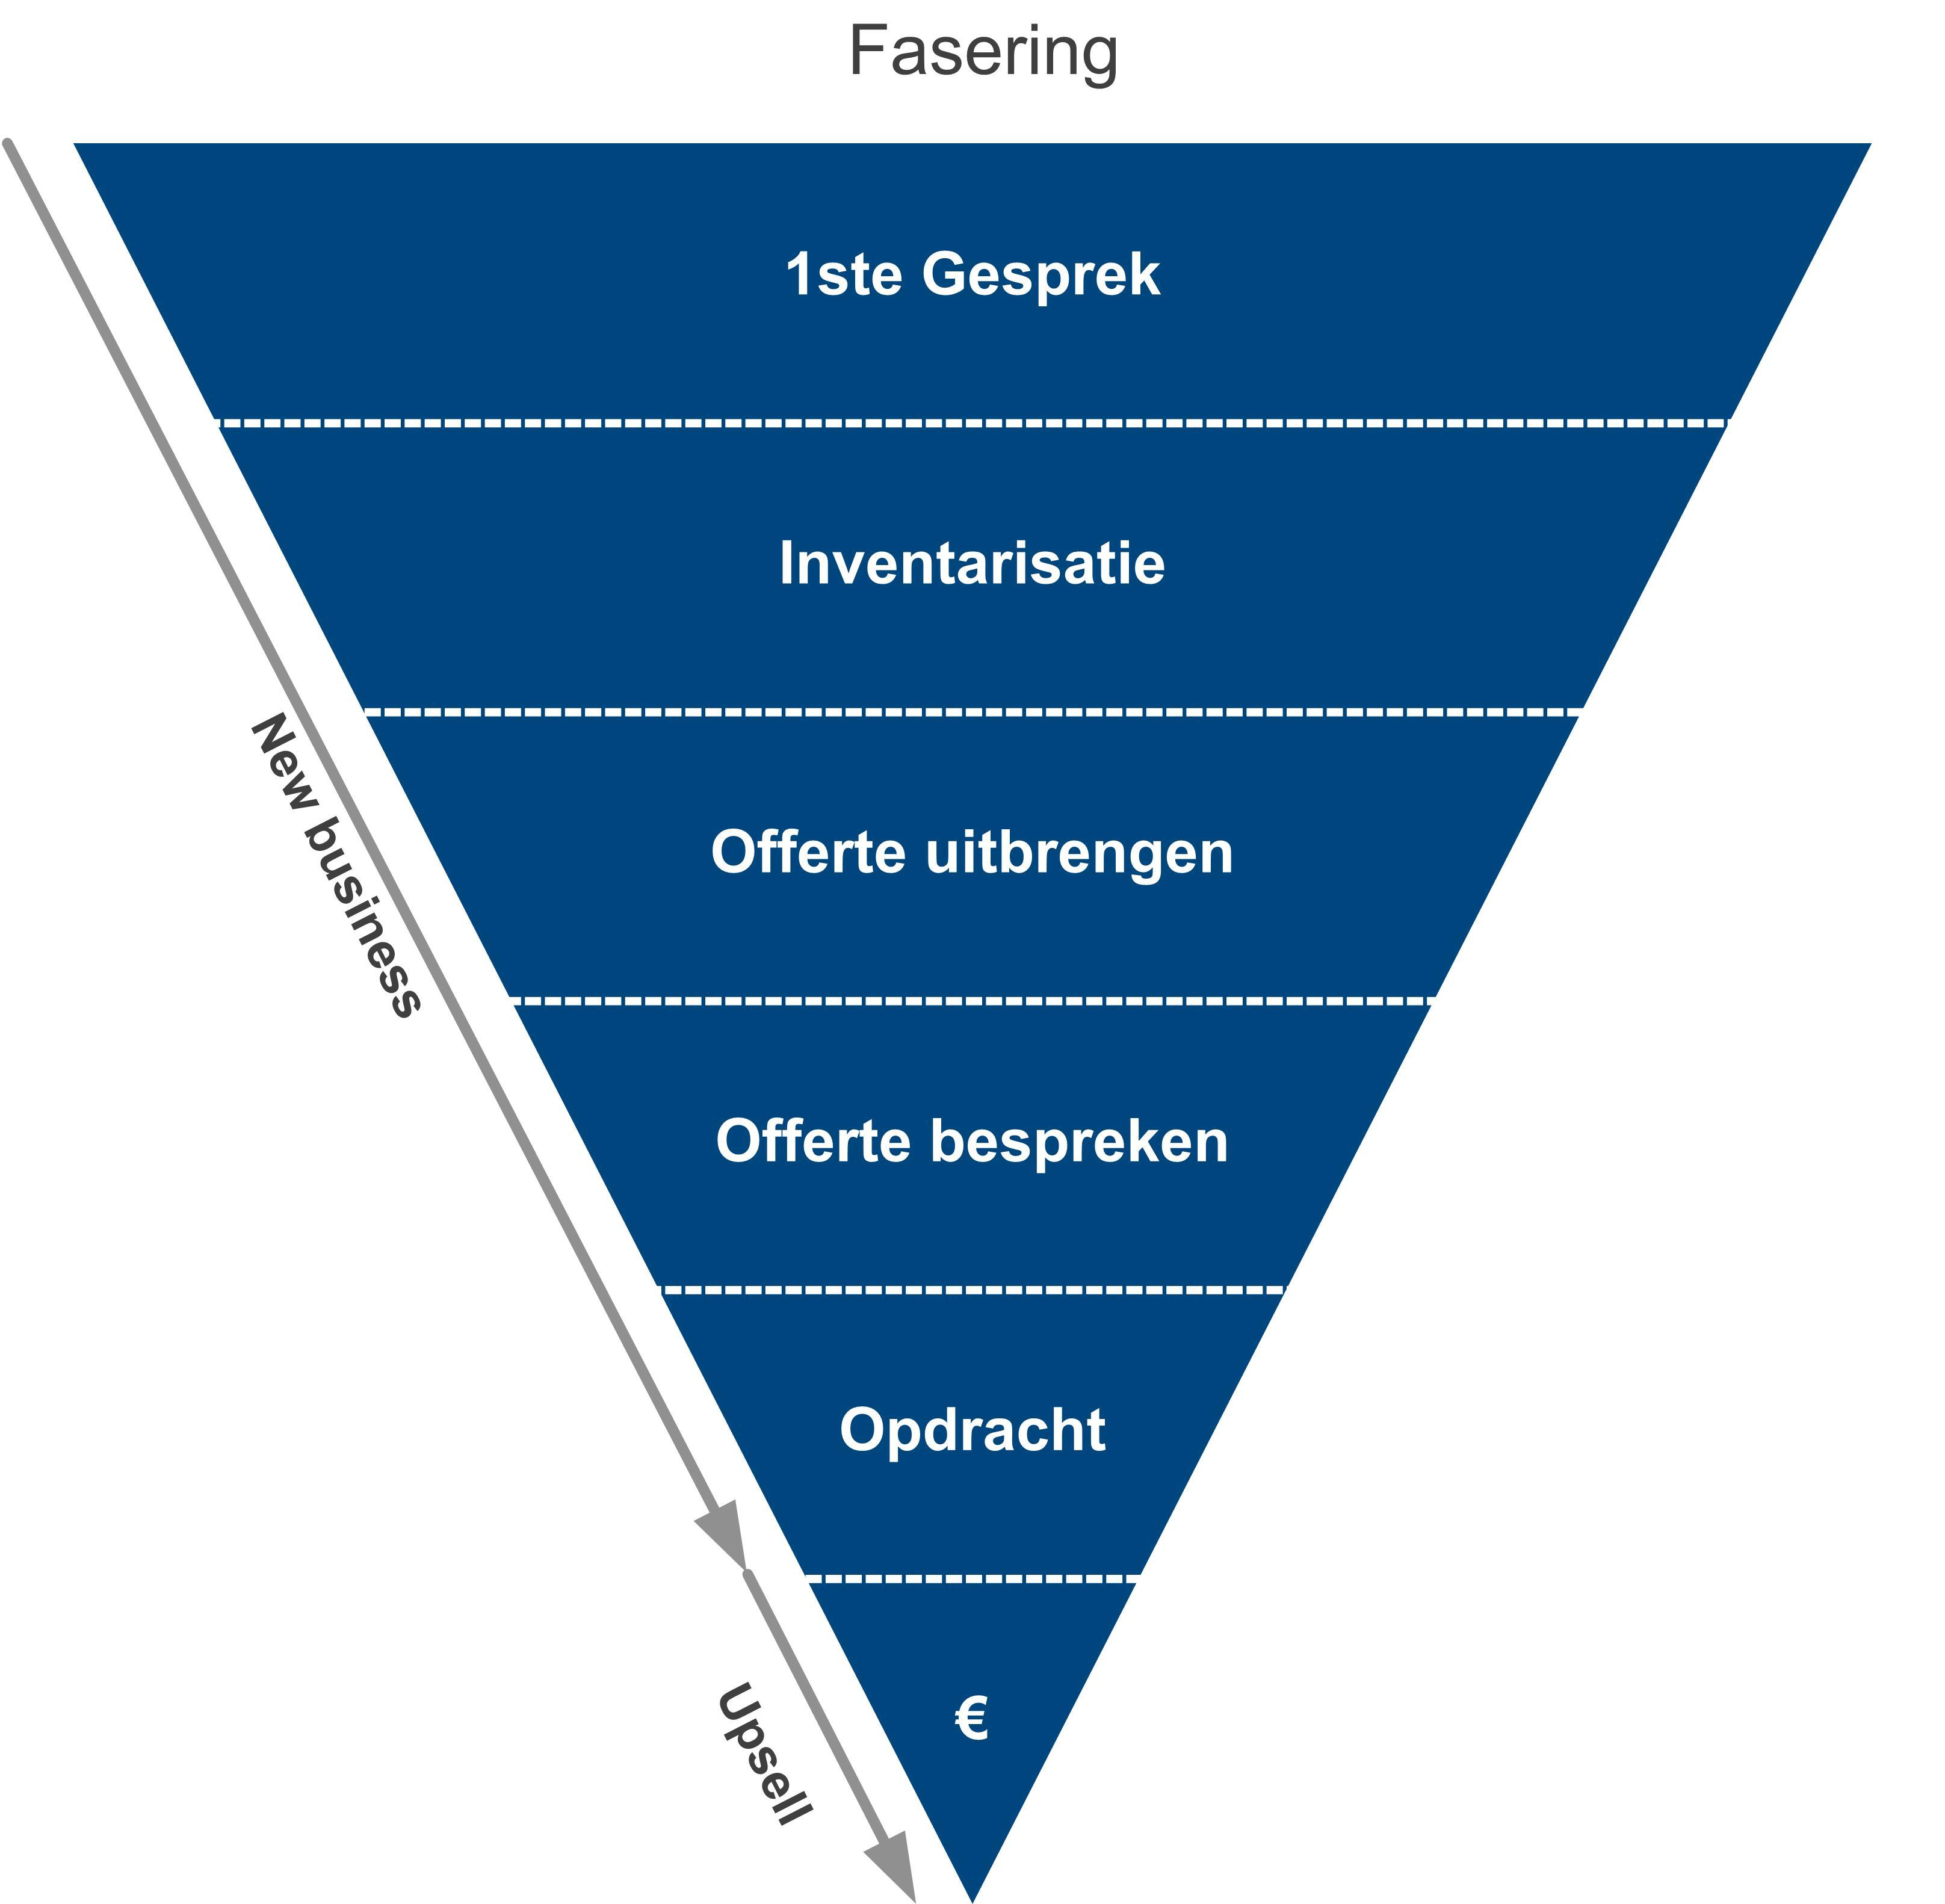 plan van aanpak sales voorbeeld Uw Salesplan 2012   Salesplan 2012 Verkoopplan 2012 voor de  plan van aanpak sales voorbeeld